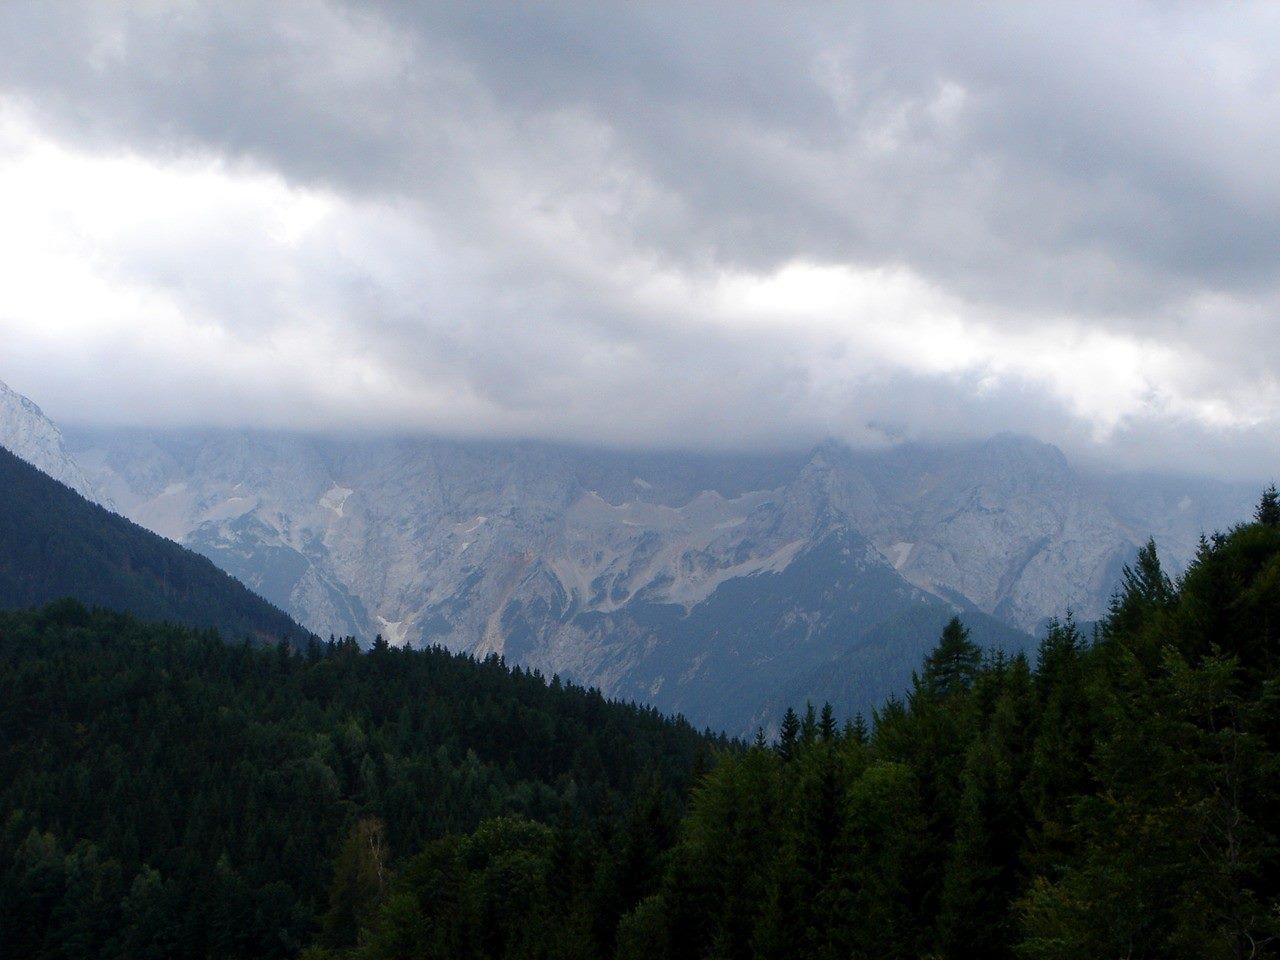 Foto: Manfred Karl / Wander Tour / Über den Krainersteig auf den Kärntner Storschitz / Düstere Stimmung gegen den Hauptkamm der Steiner Alpen. / 03.06.2007 17:56:40